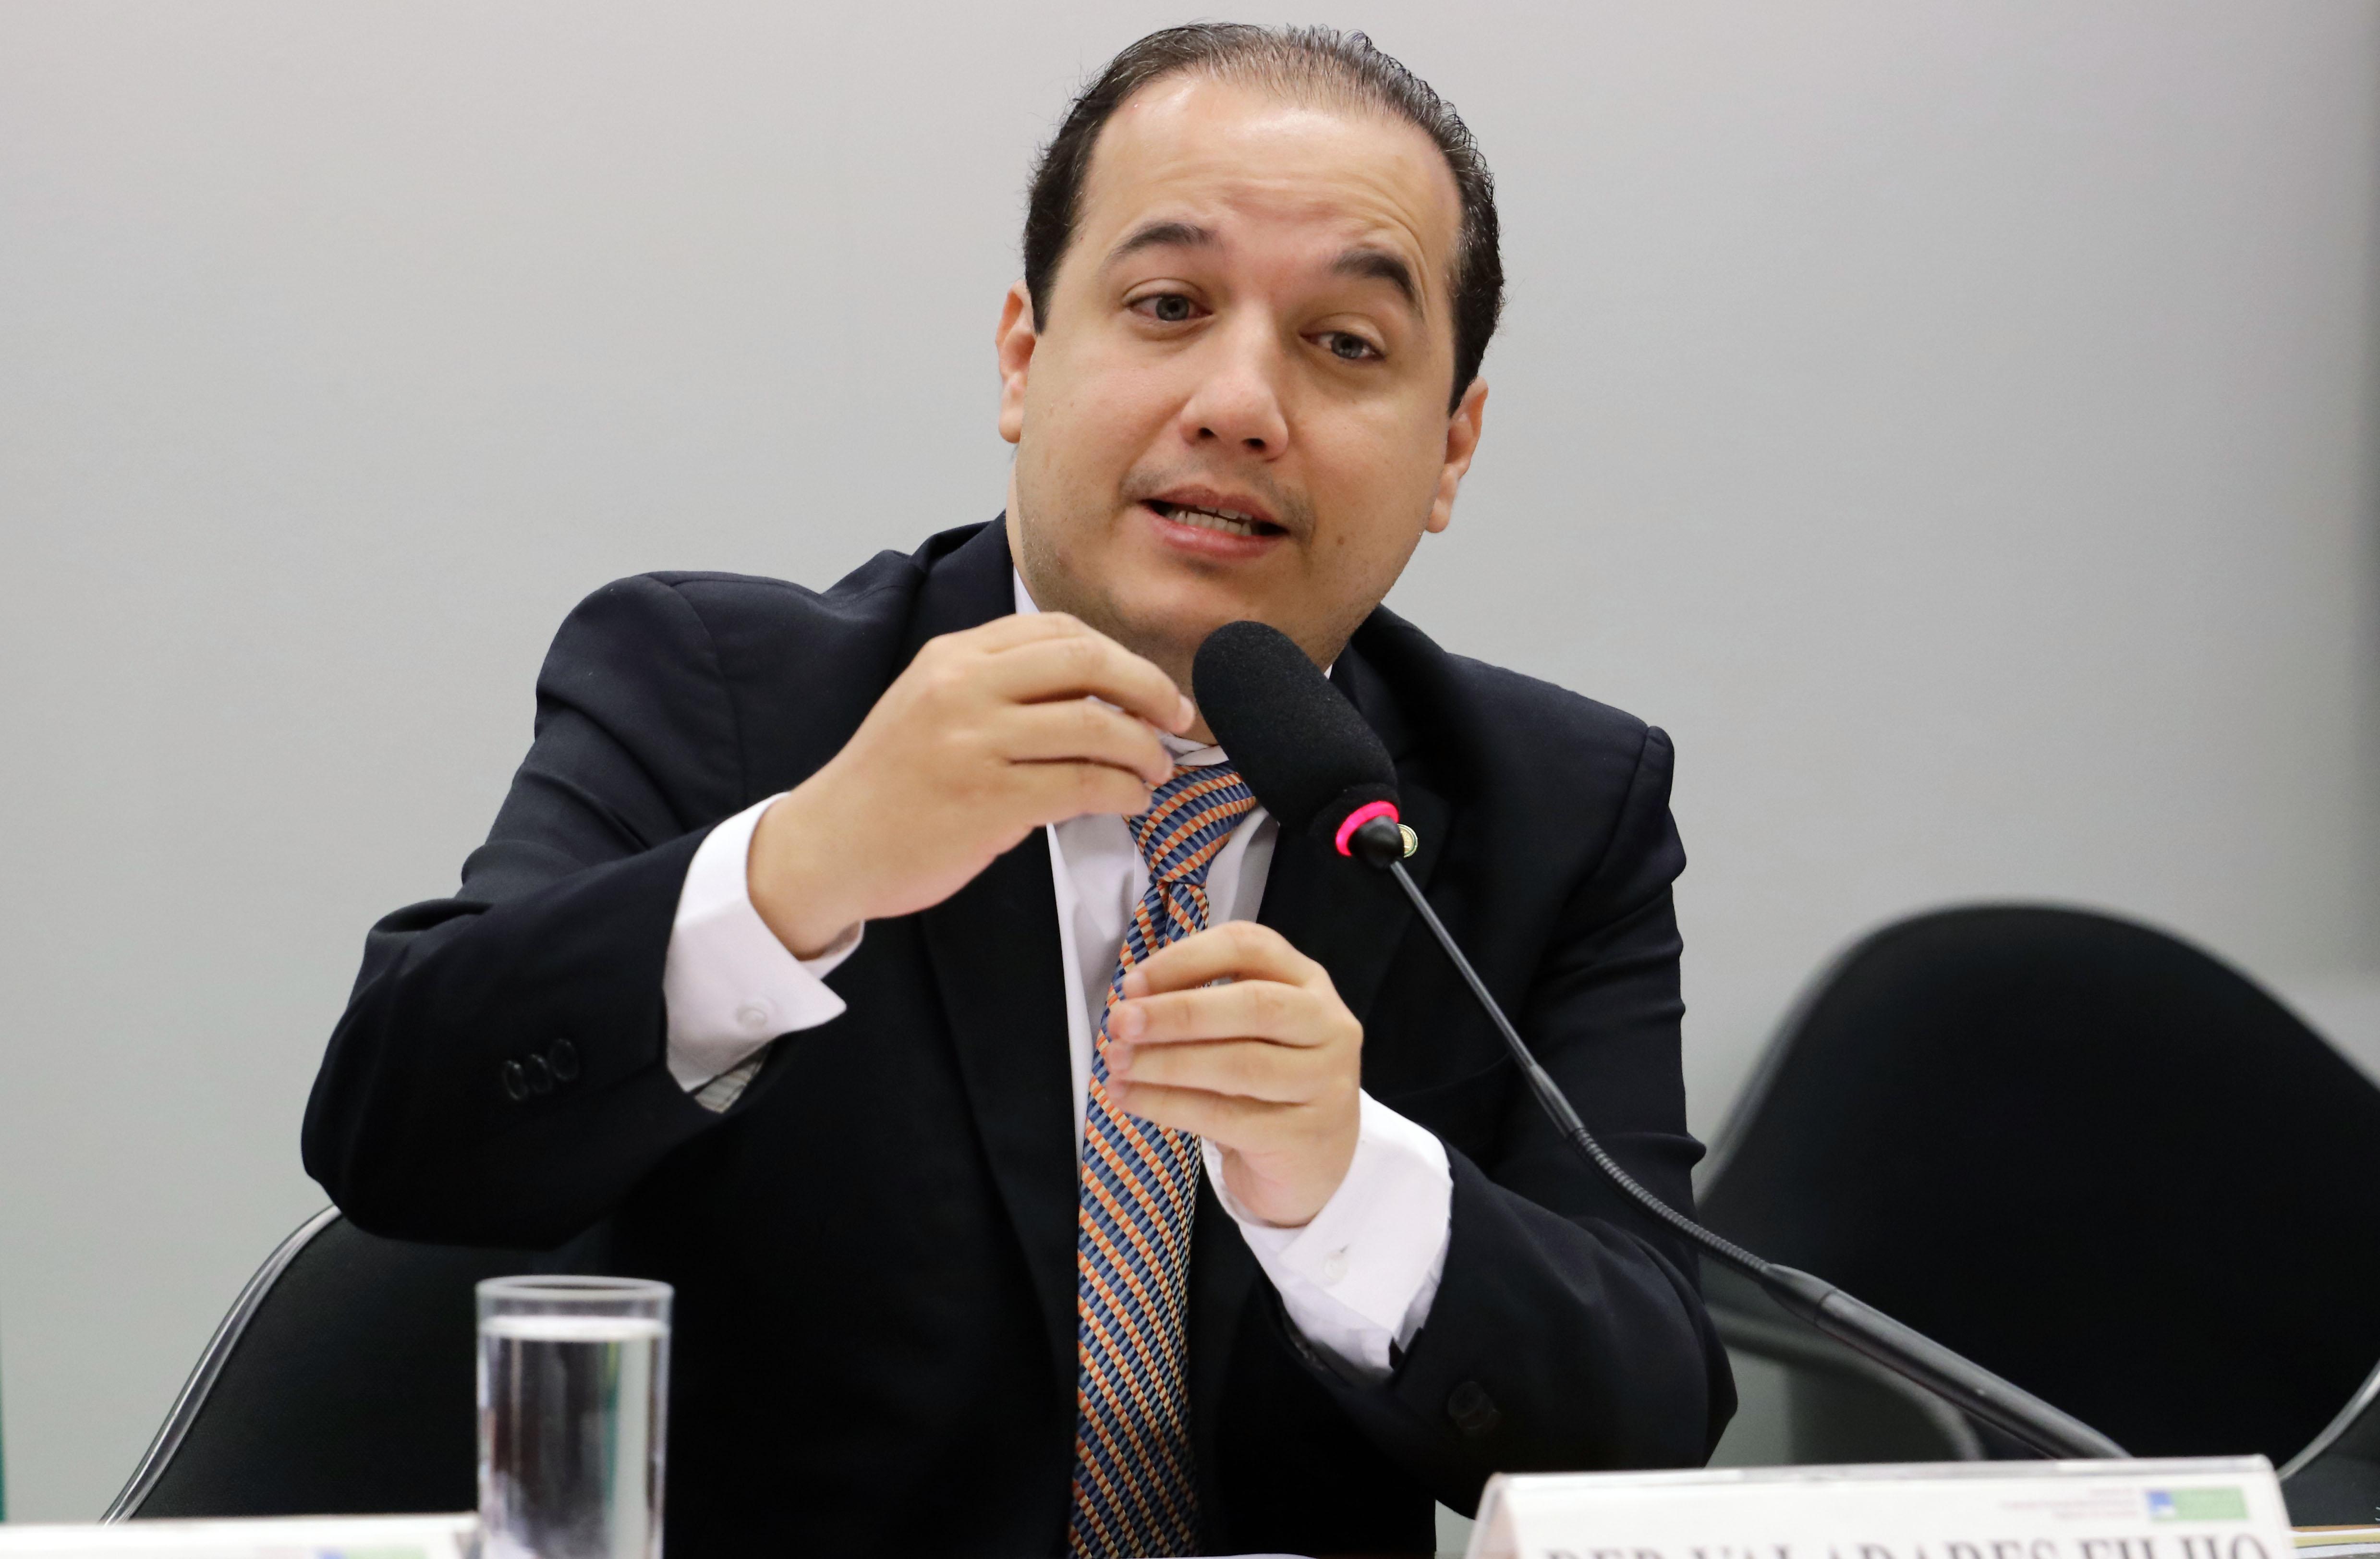 Audiência pública sobre o fechamento de agências bancárias de bancos públicos. Dep. Valadares Filho (PSB - SE)